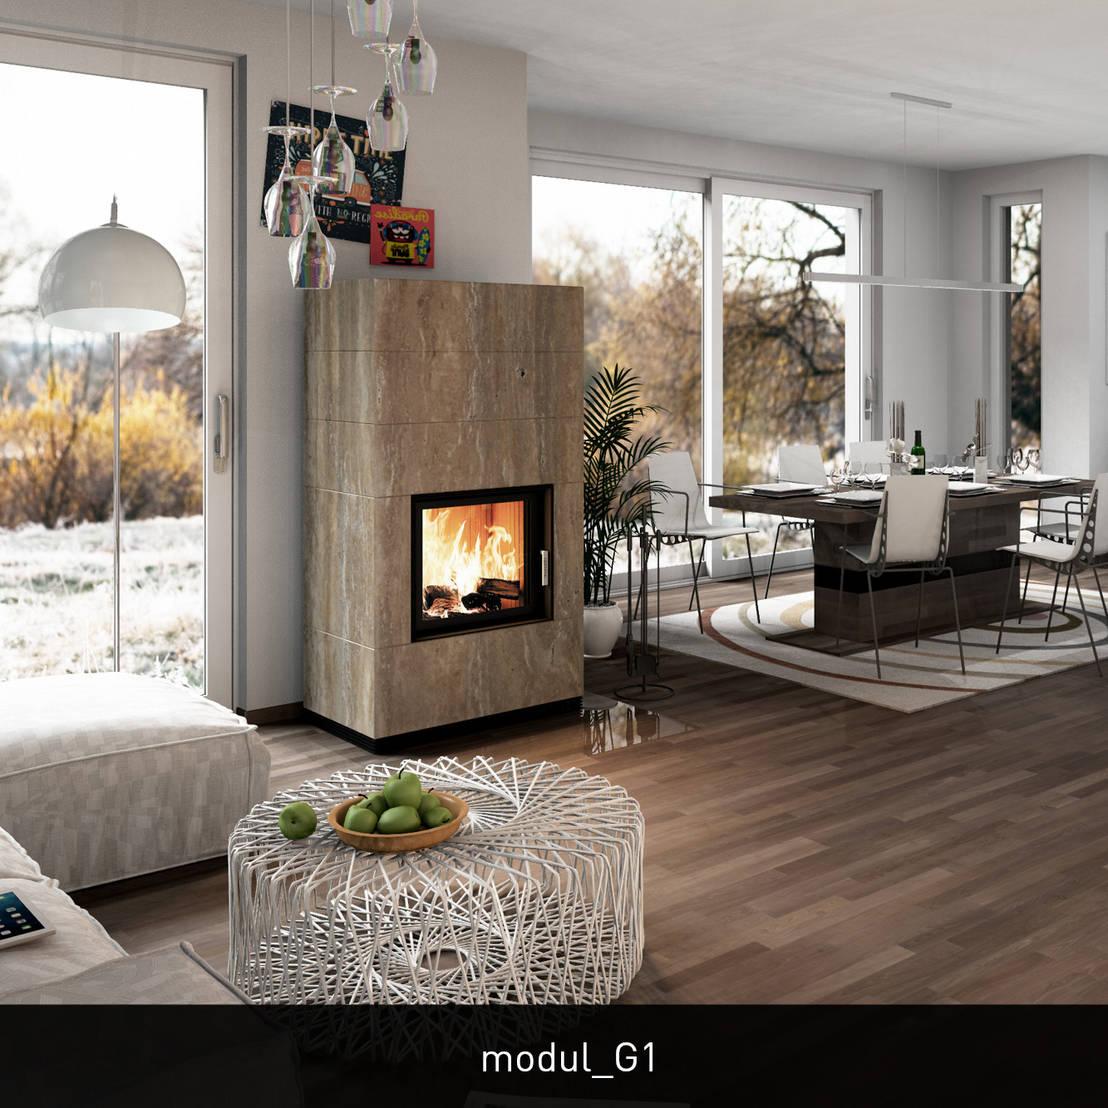 monolith modul - DER HEIZKAMIN von CB stone-tec GmbH   homify